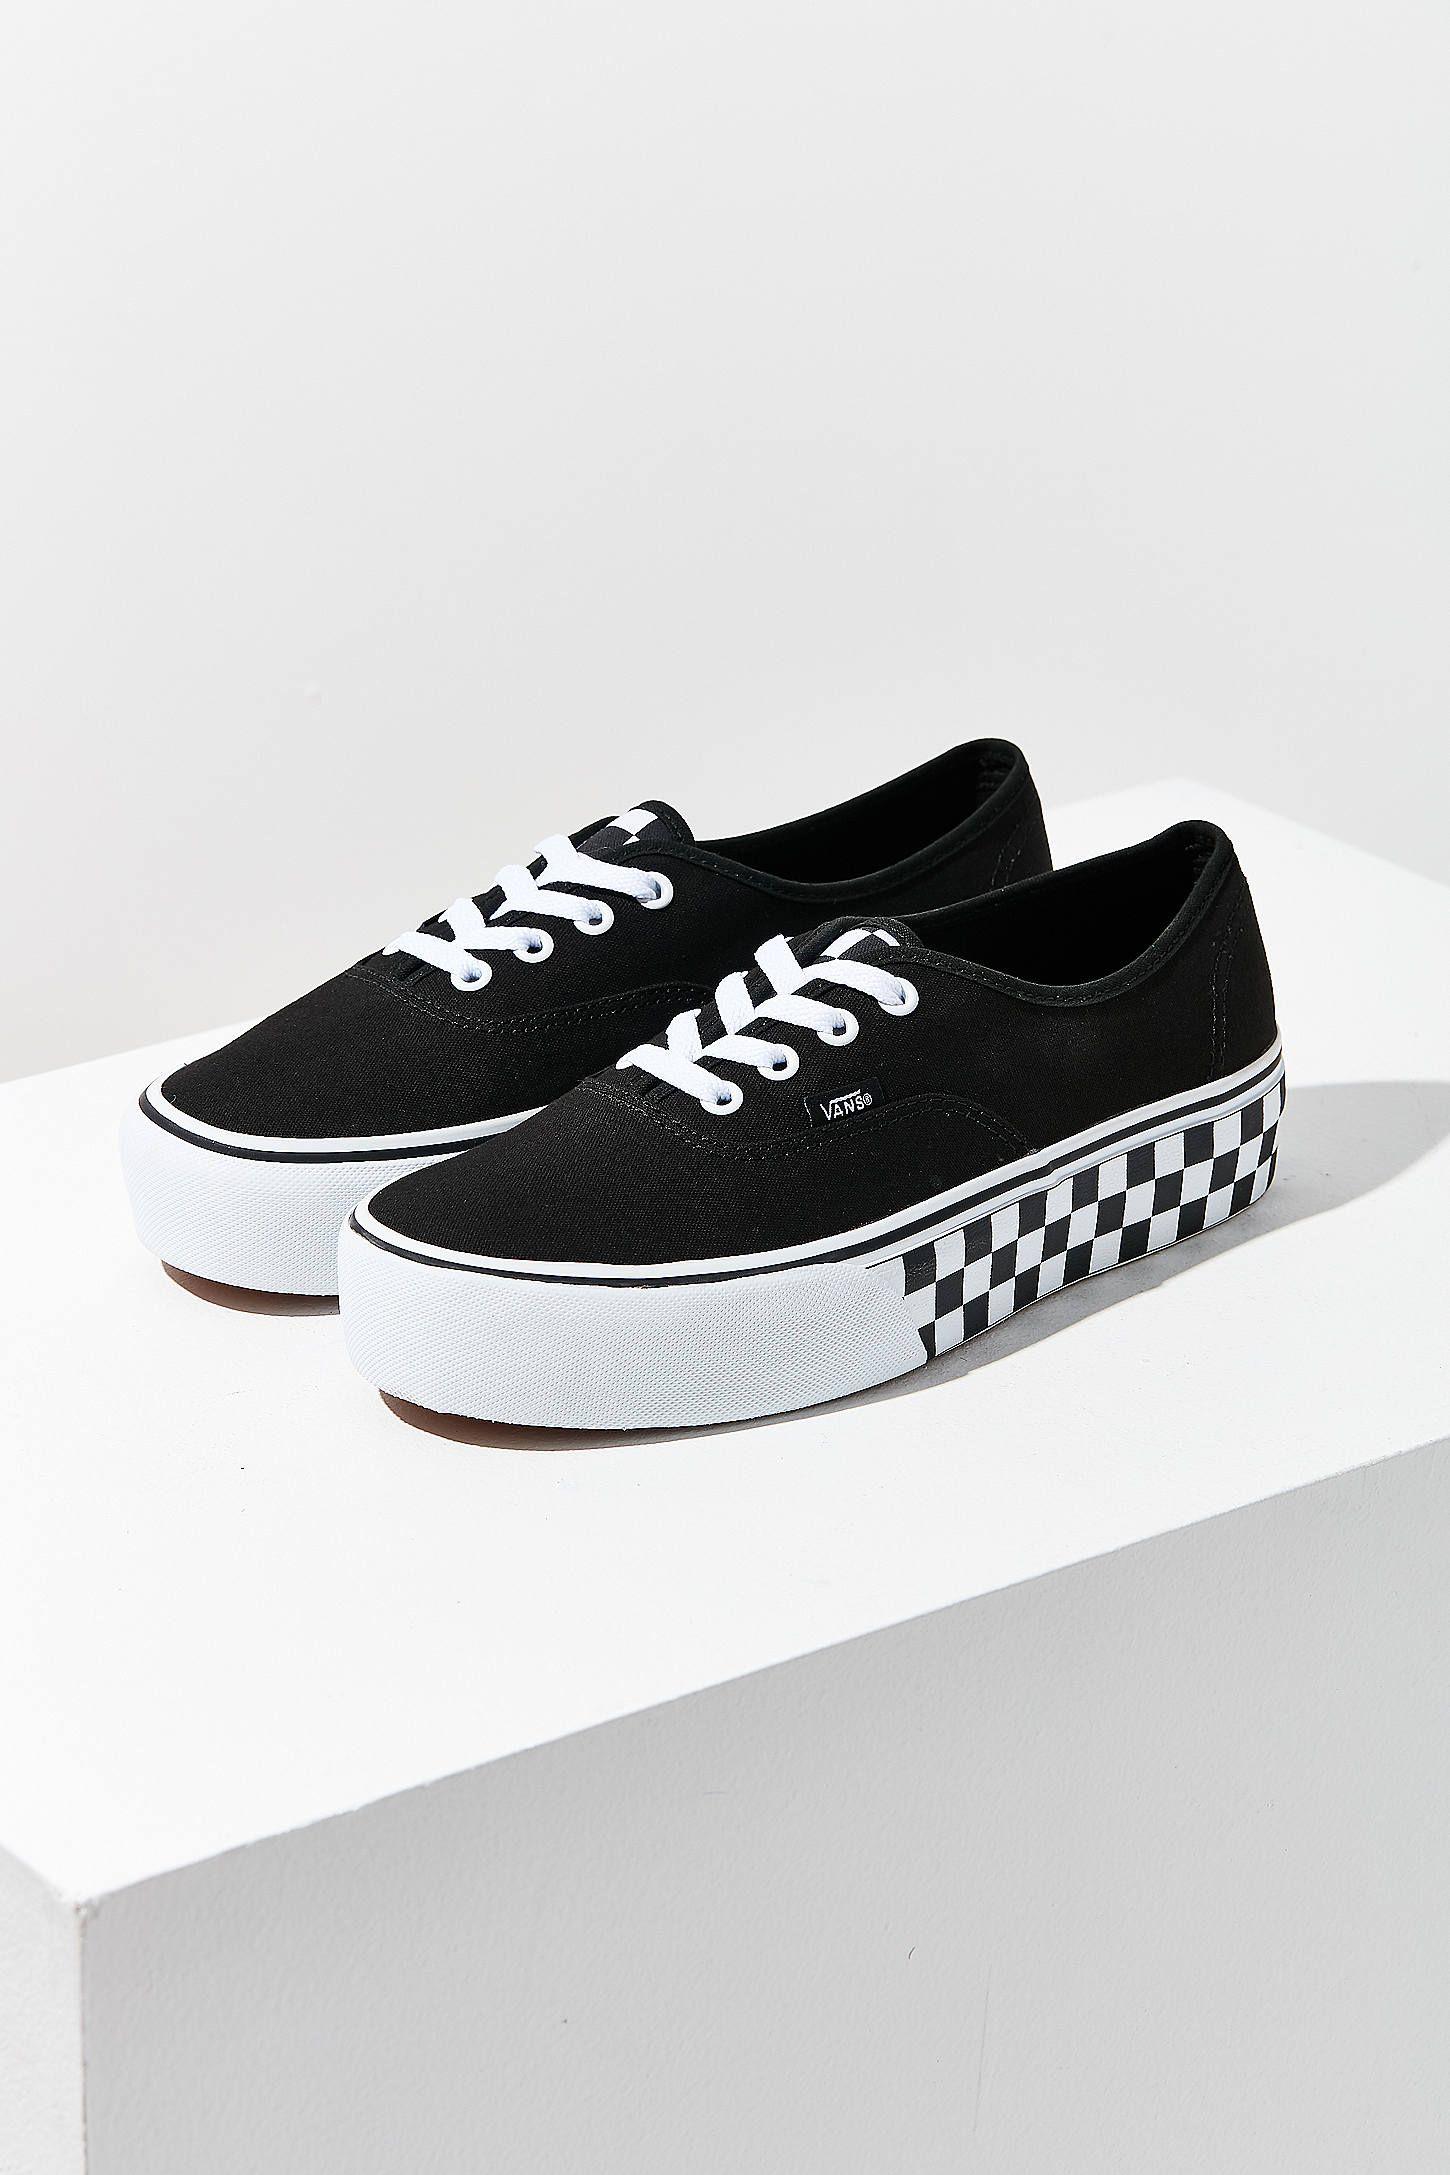 Vans Black & White Checkerboard Authentic Platform Sneakers Date De Sortie Du Jeu Profitez Pas Cher En Ligne Faire Acheter Expédition Faible Sortie 48J1t0zzL